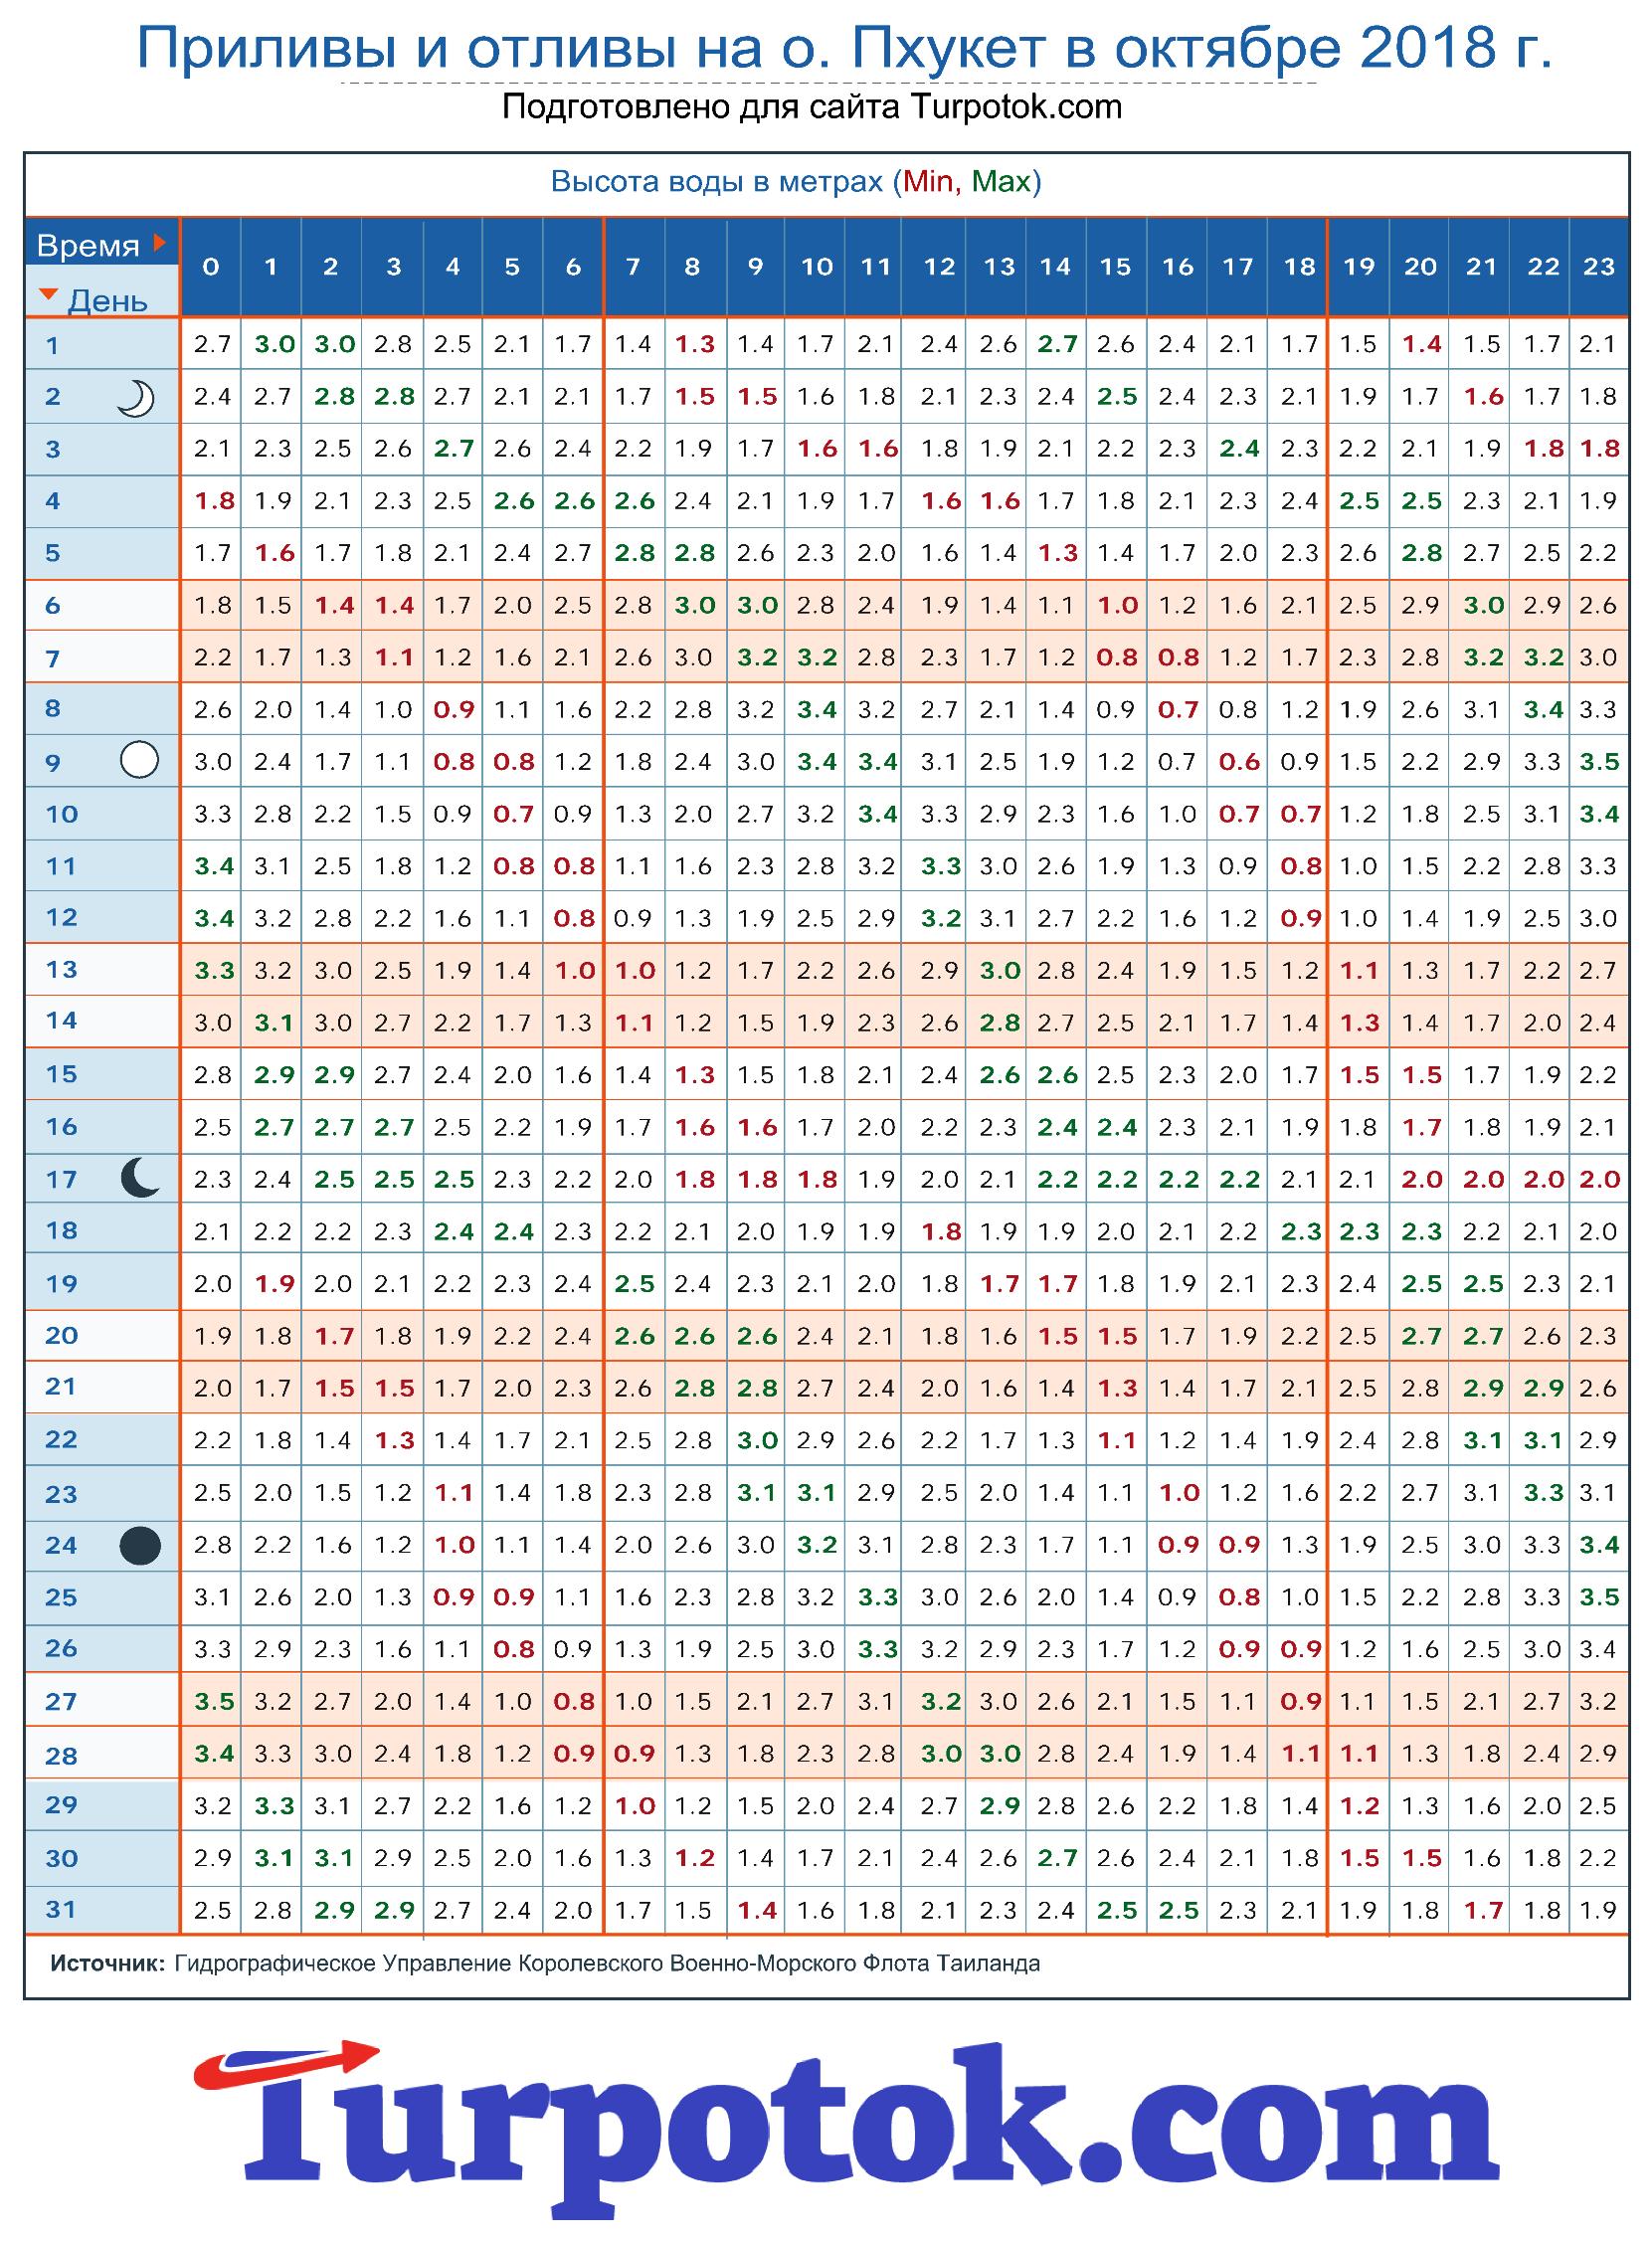 Расписание приливов и отливов на острове Пхукет в октябре 2018